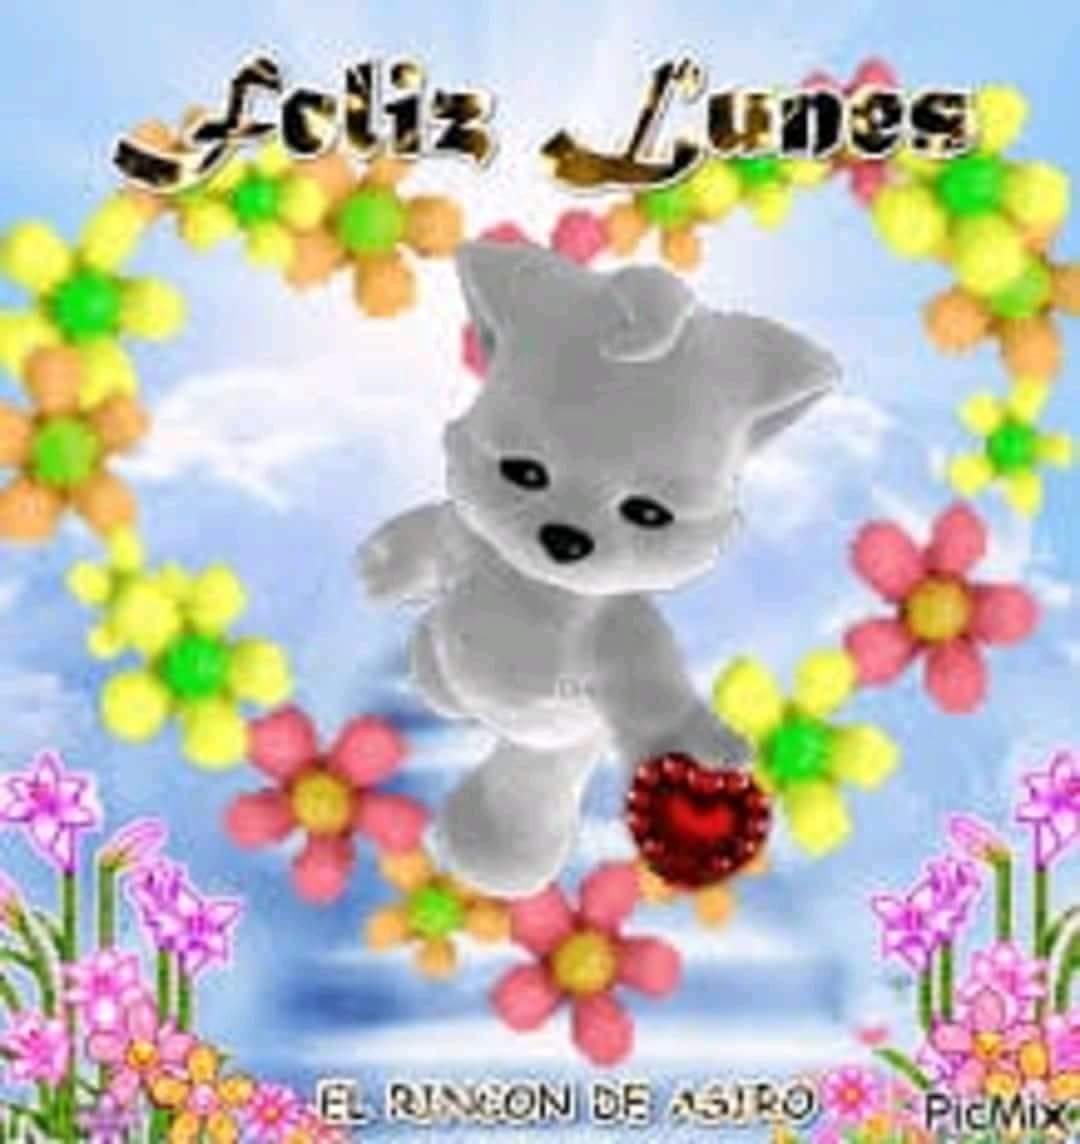 Esperanza Gracias Tweet Buenos Días A Todos Los Signos Del